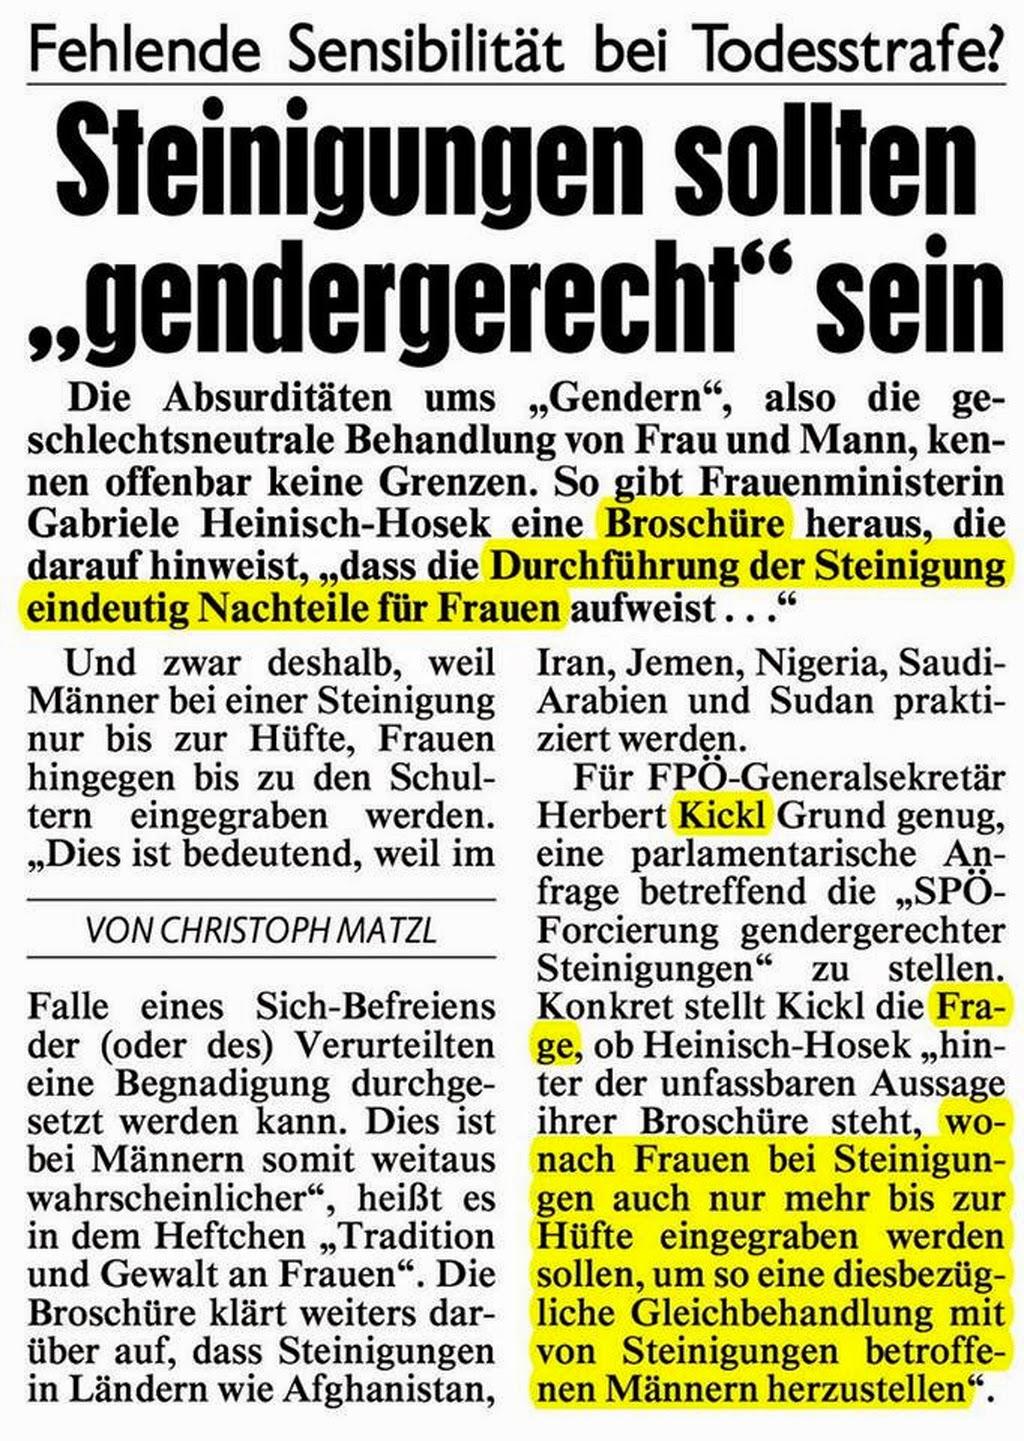 http://1.bp.blogspot.com/-QTsF32aeOz8/VNz8-O-mA2I/AAAAAAAAL8w/8cT7iFTvdac/s1600/Gendergerecht-Steinigen.jpg